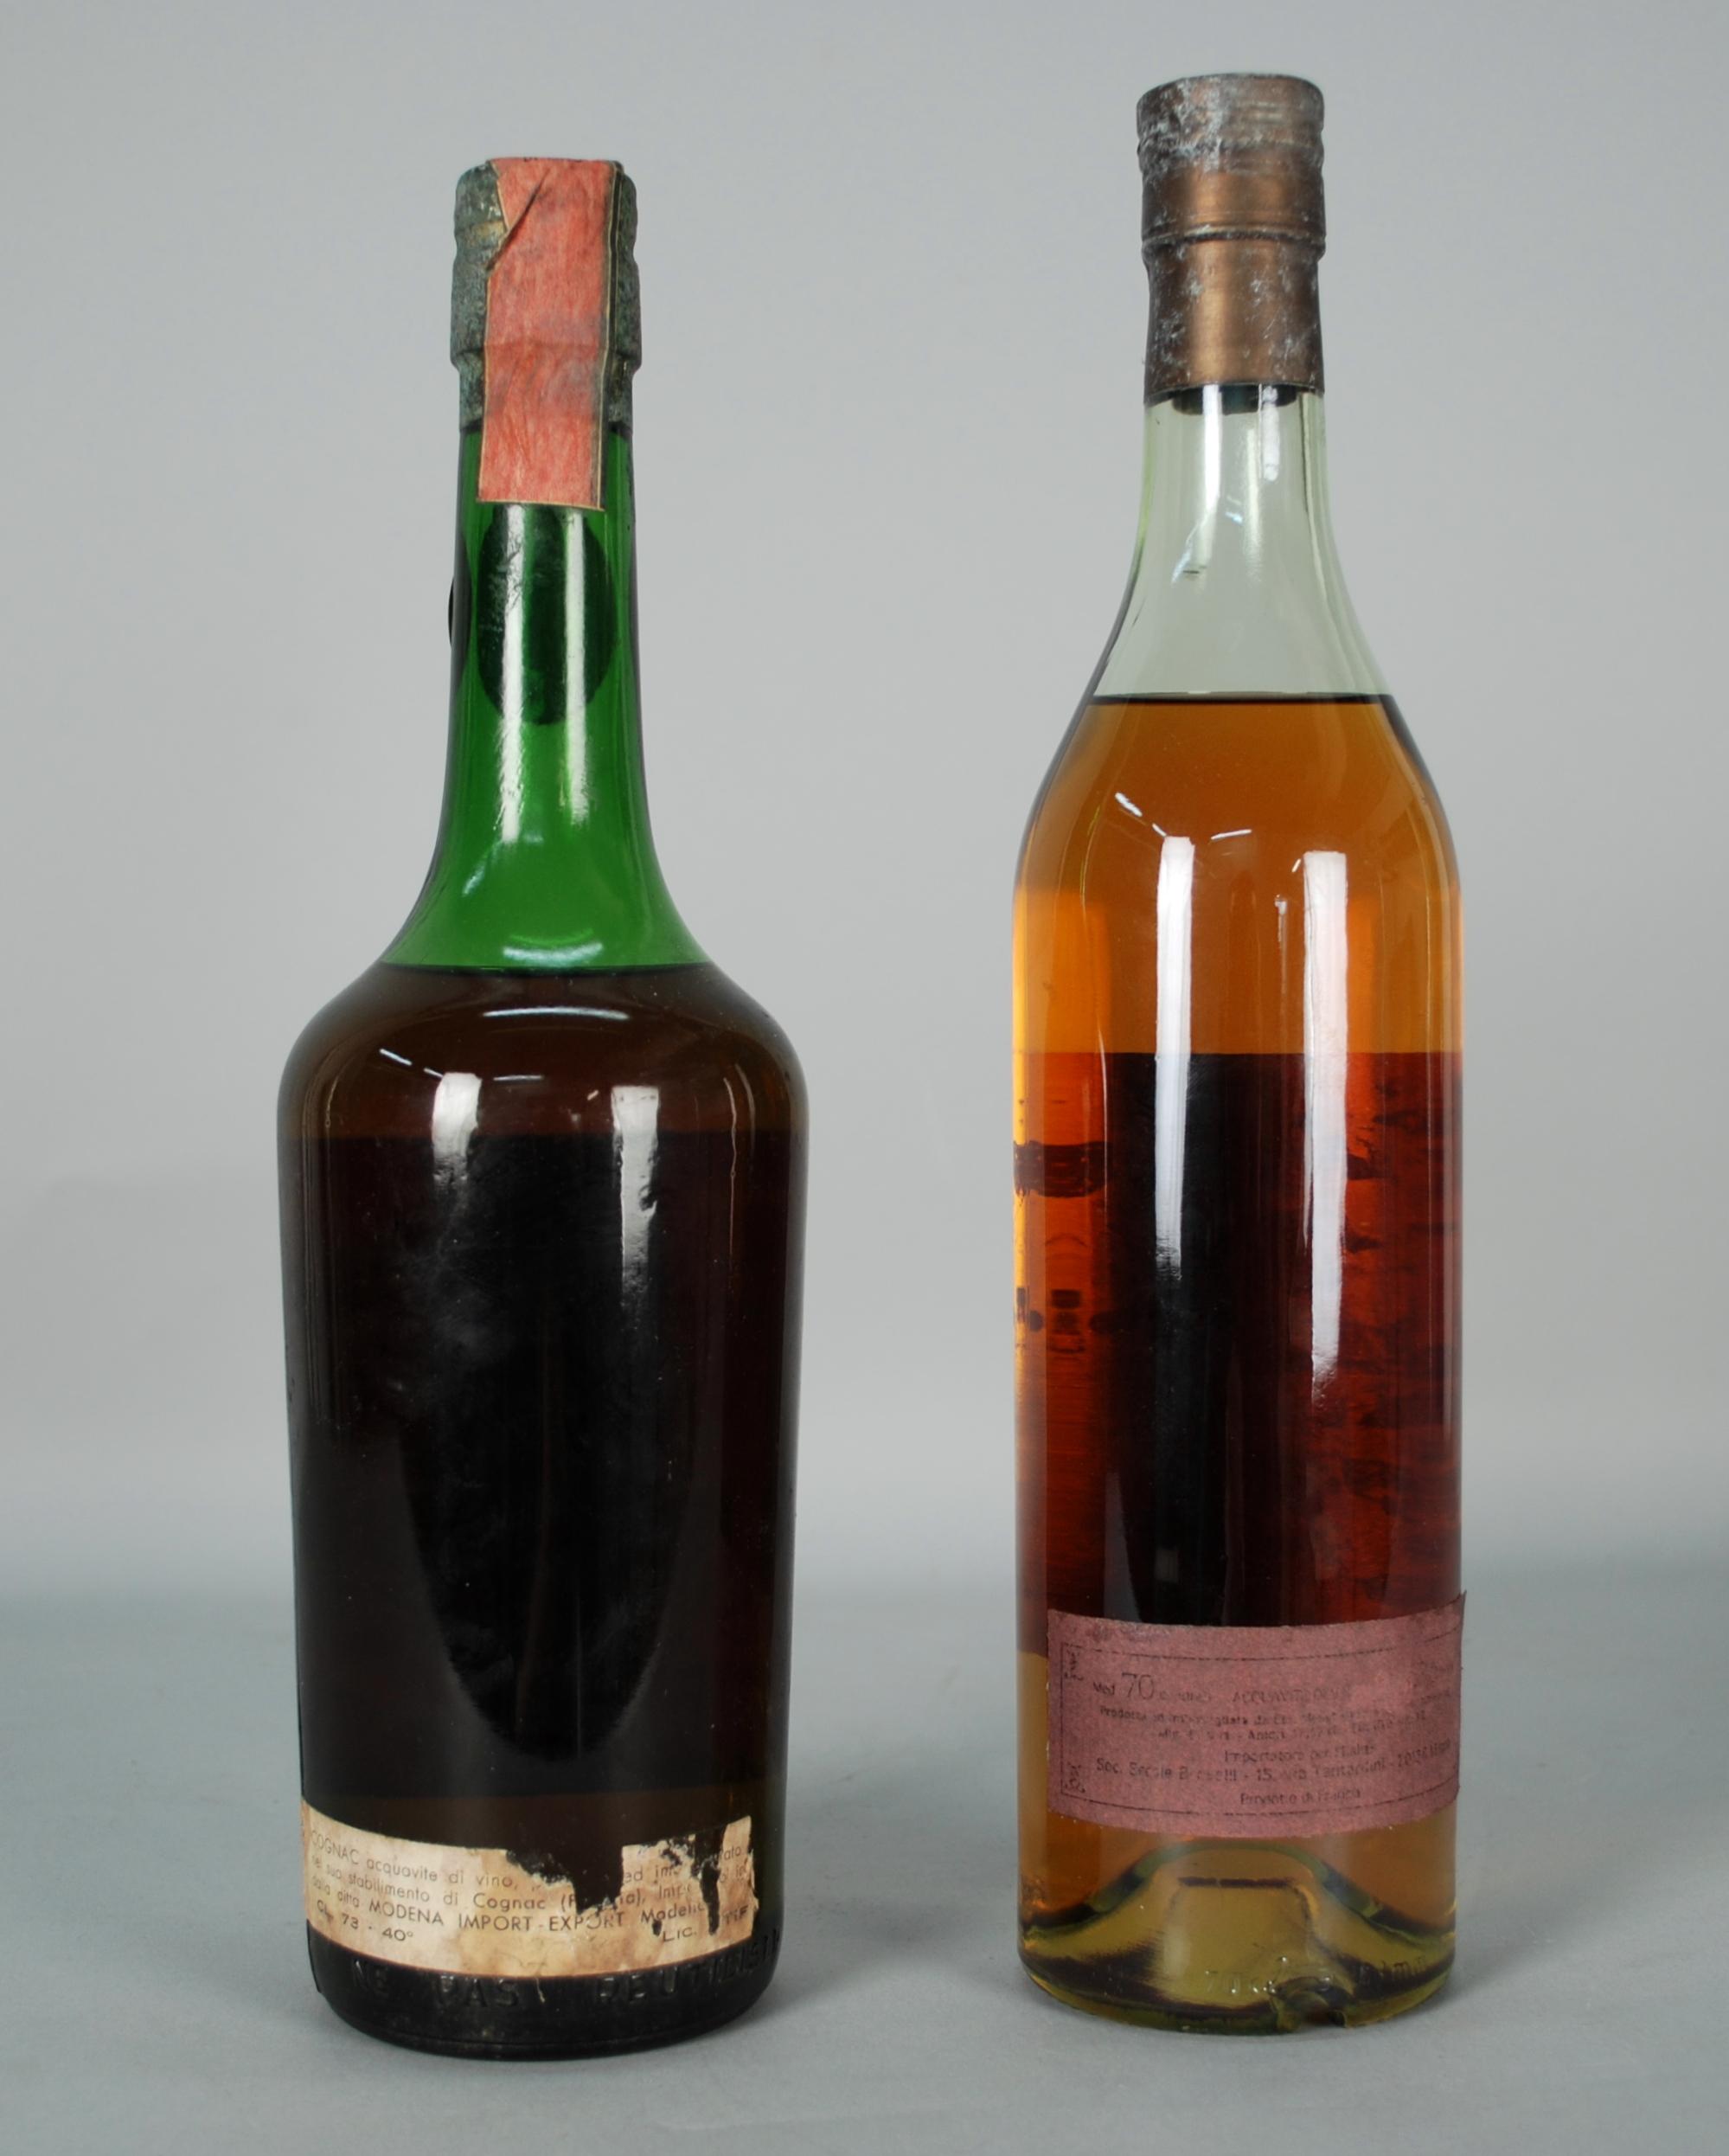 Lot 45 - Due Cognac MOYET: - Cognac Tre Stelle. Vecchio esemplare anni '50. Fascetta cartacea di Stato.